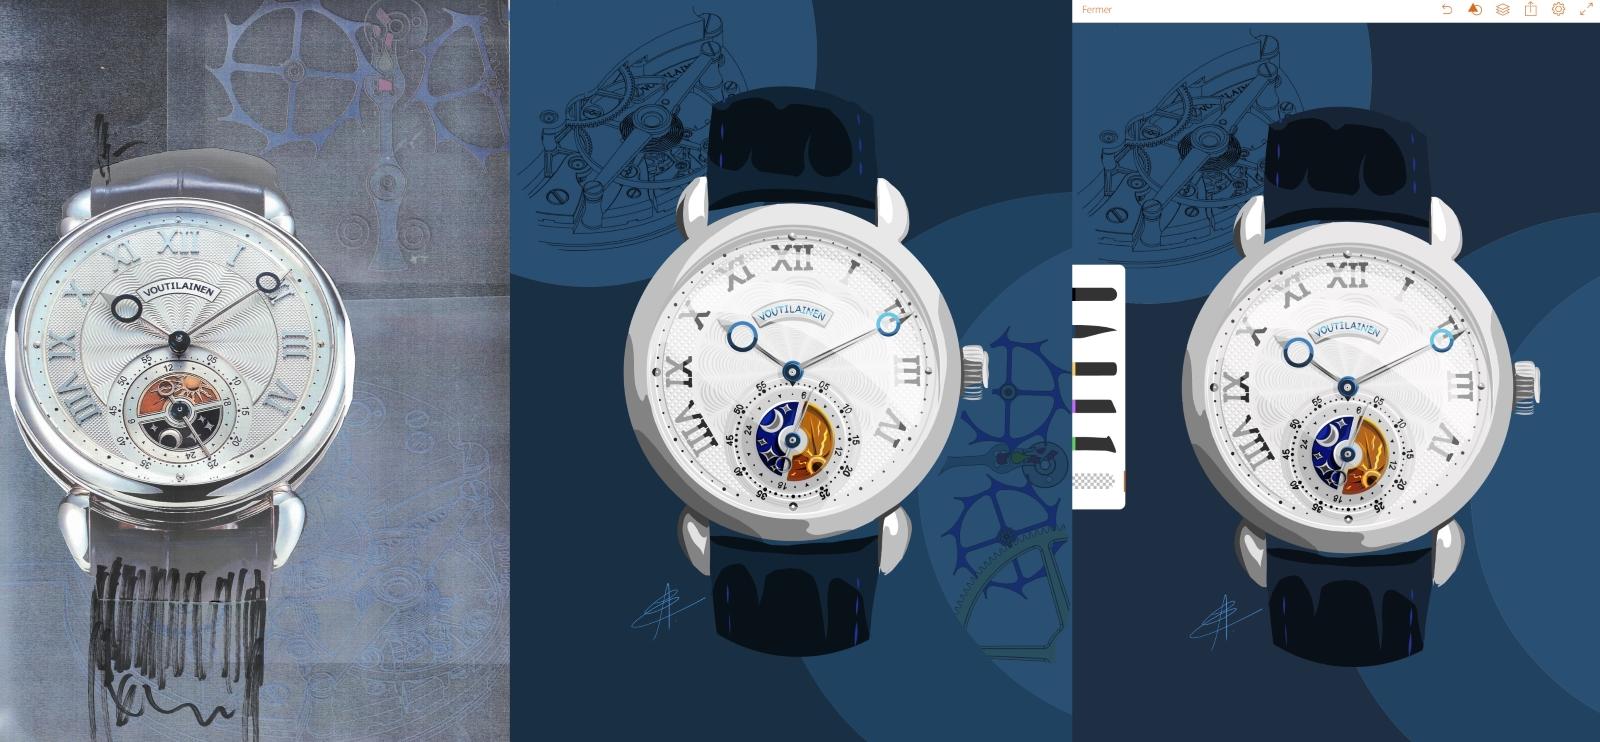 Commissioning Watch Art - Alex Eisenzammer_KV_Background Development